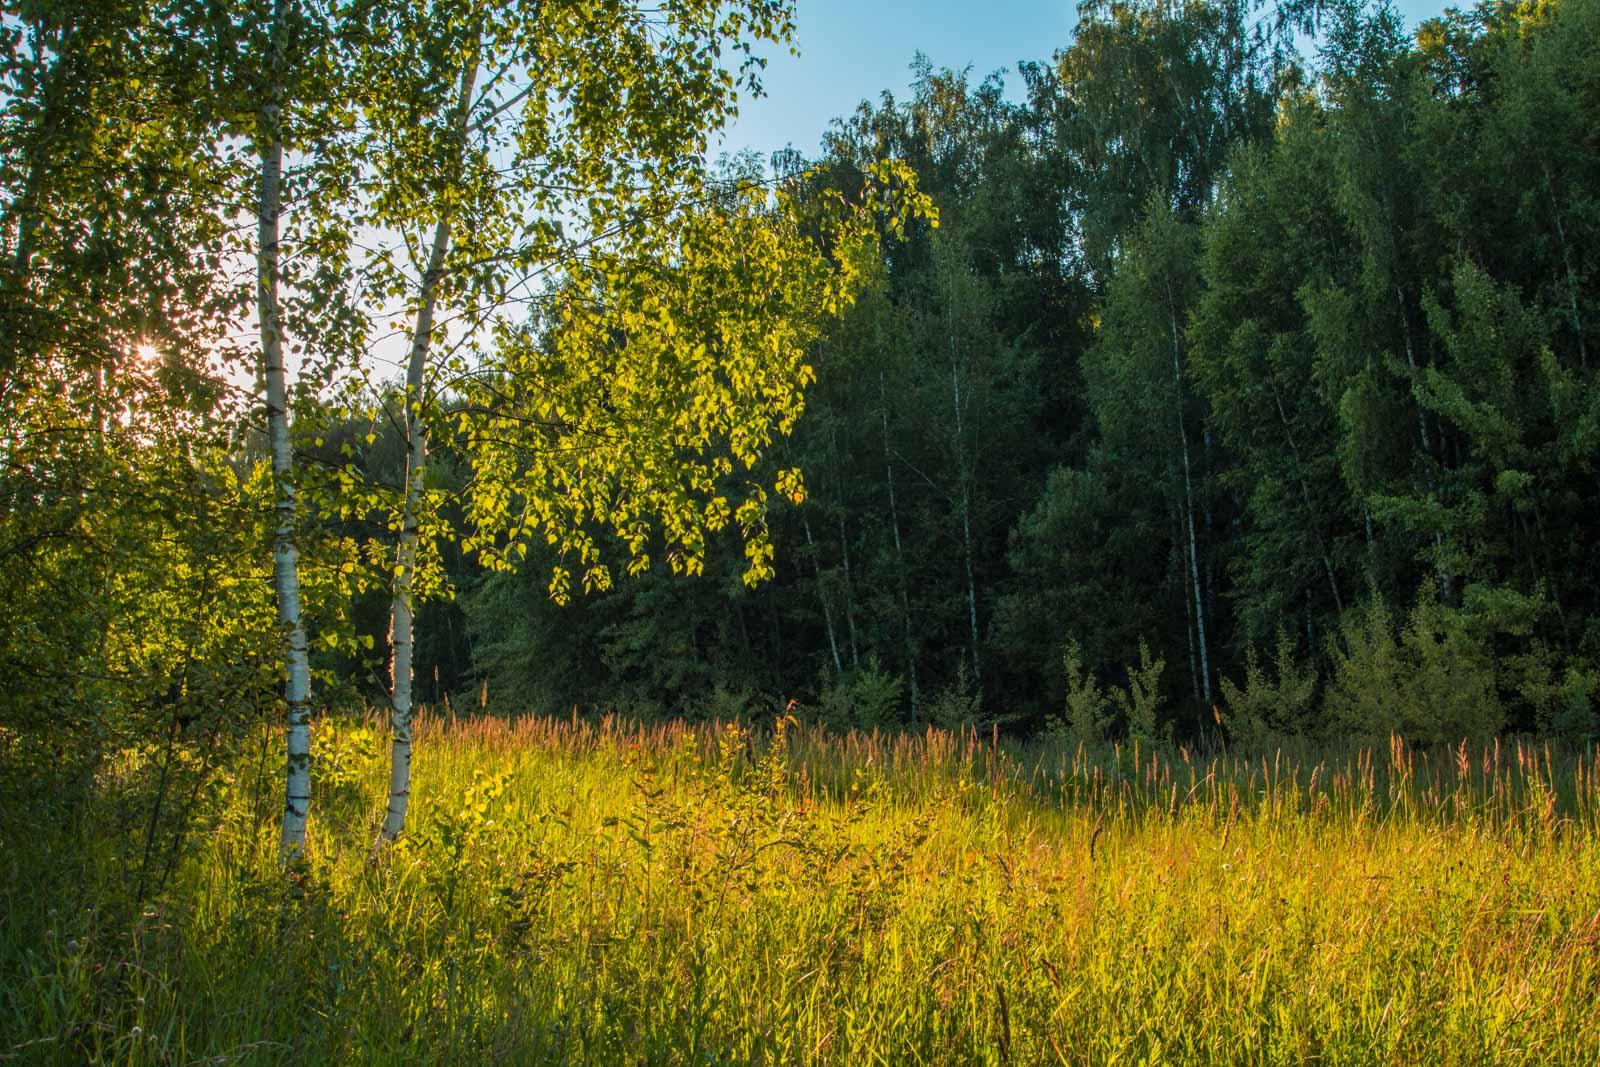 http://club.foto.ru/gallery/images/photo/2014/07/10/2303902.jpg